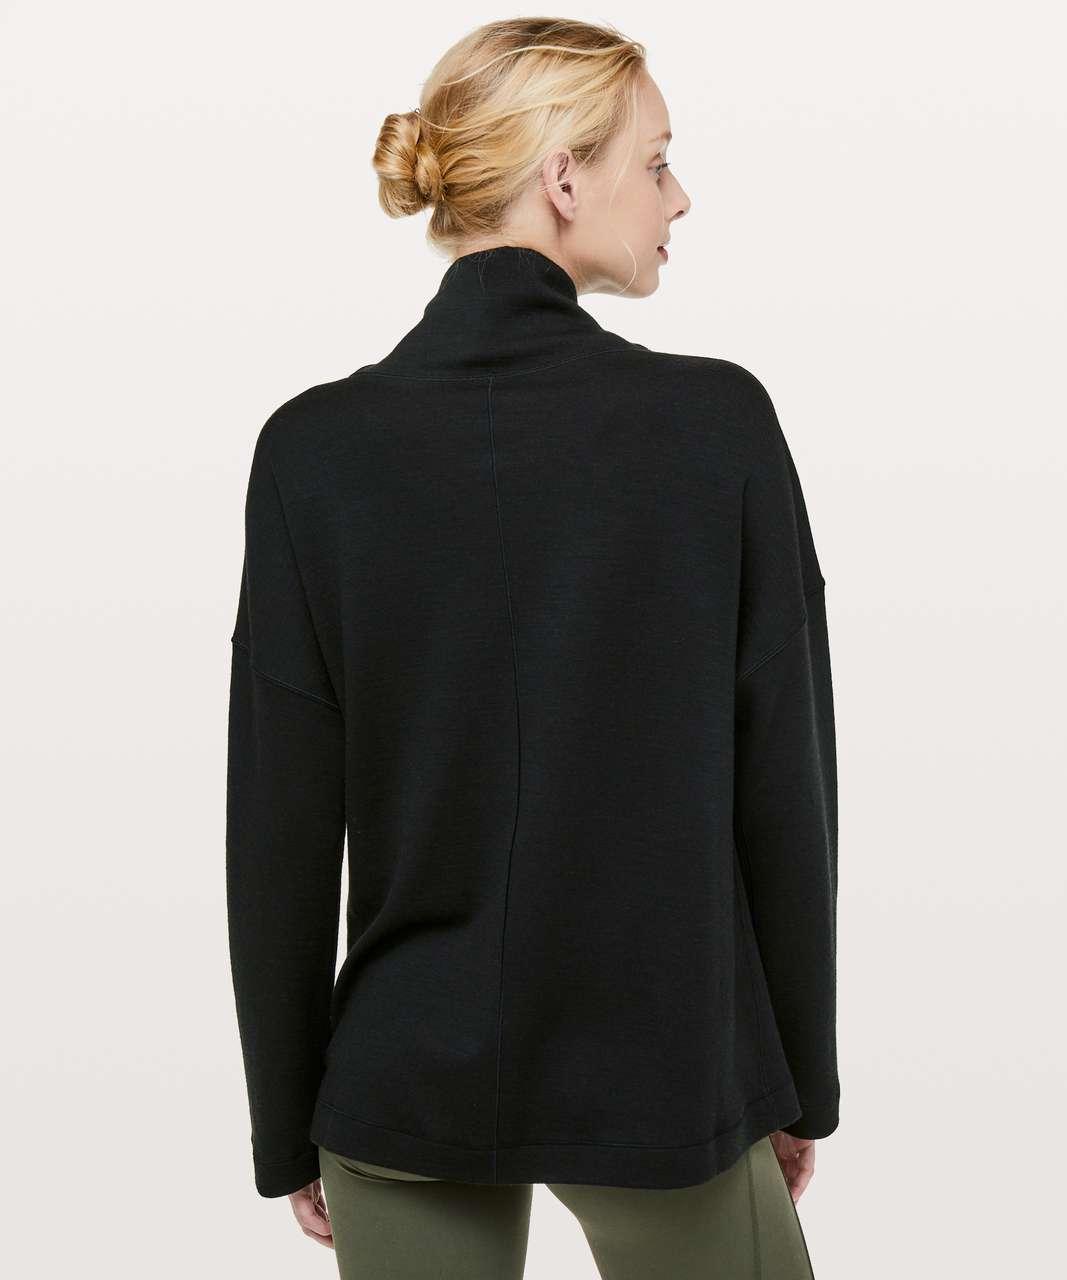 Lululemon Principal Dancer Funnel Neck Sweater - Black